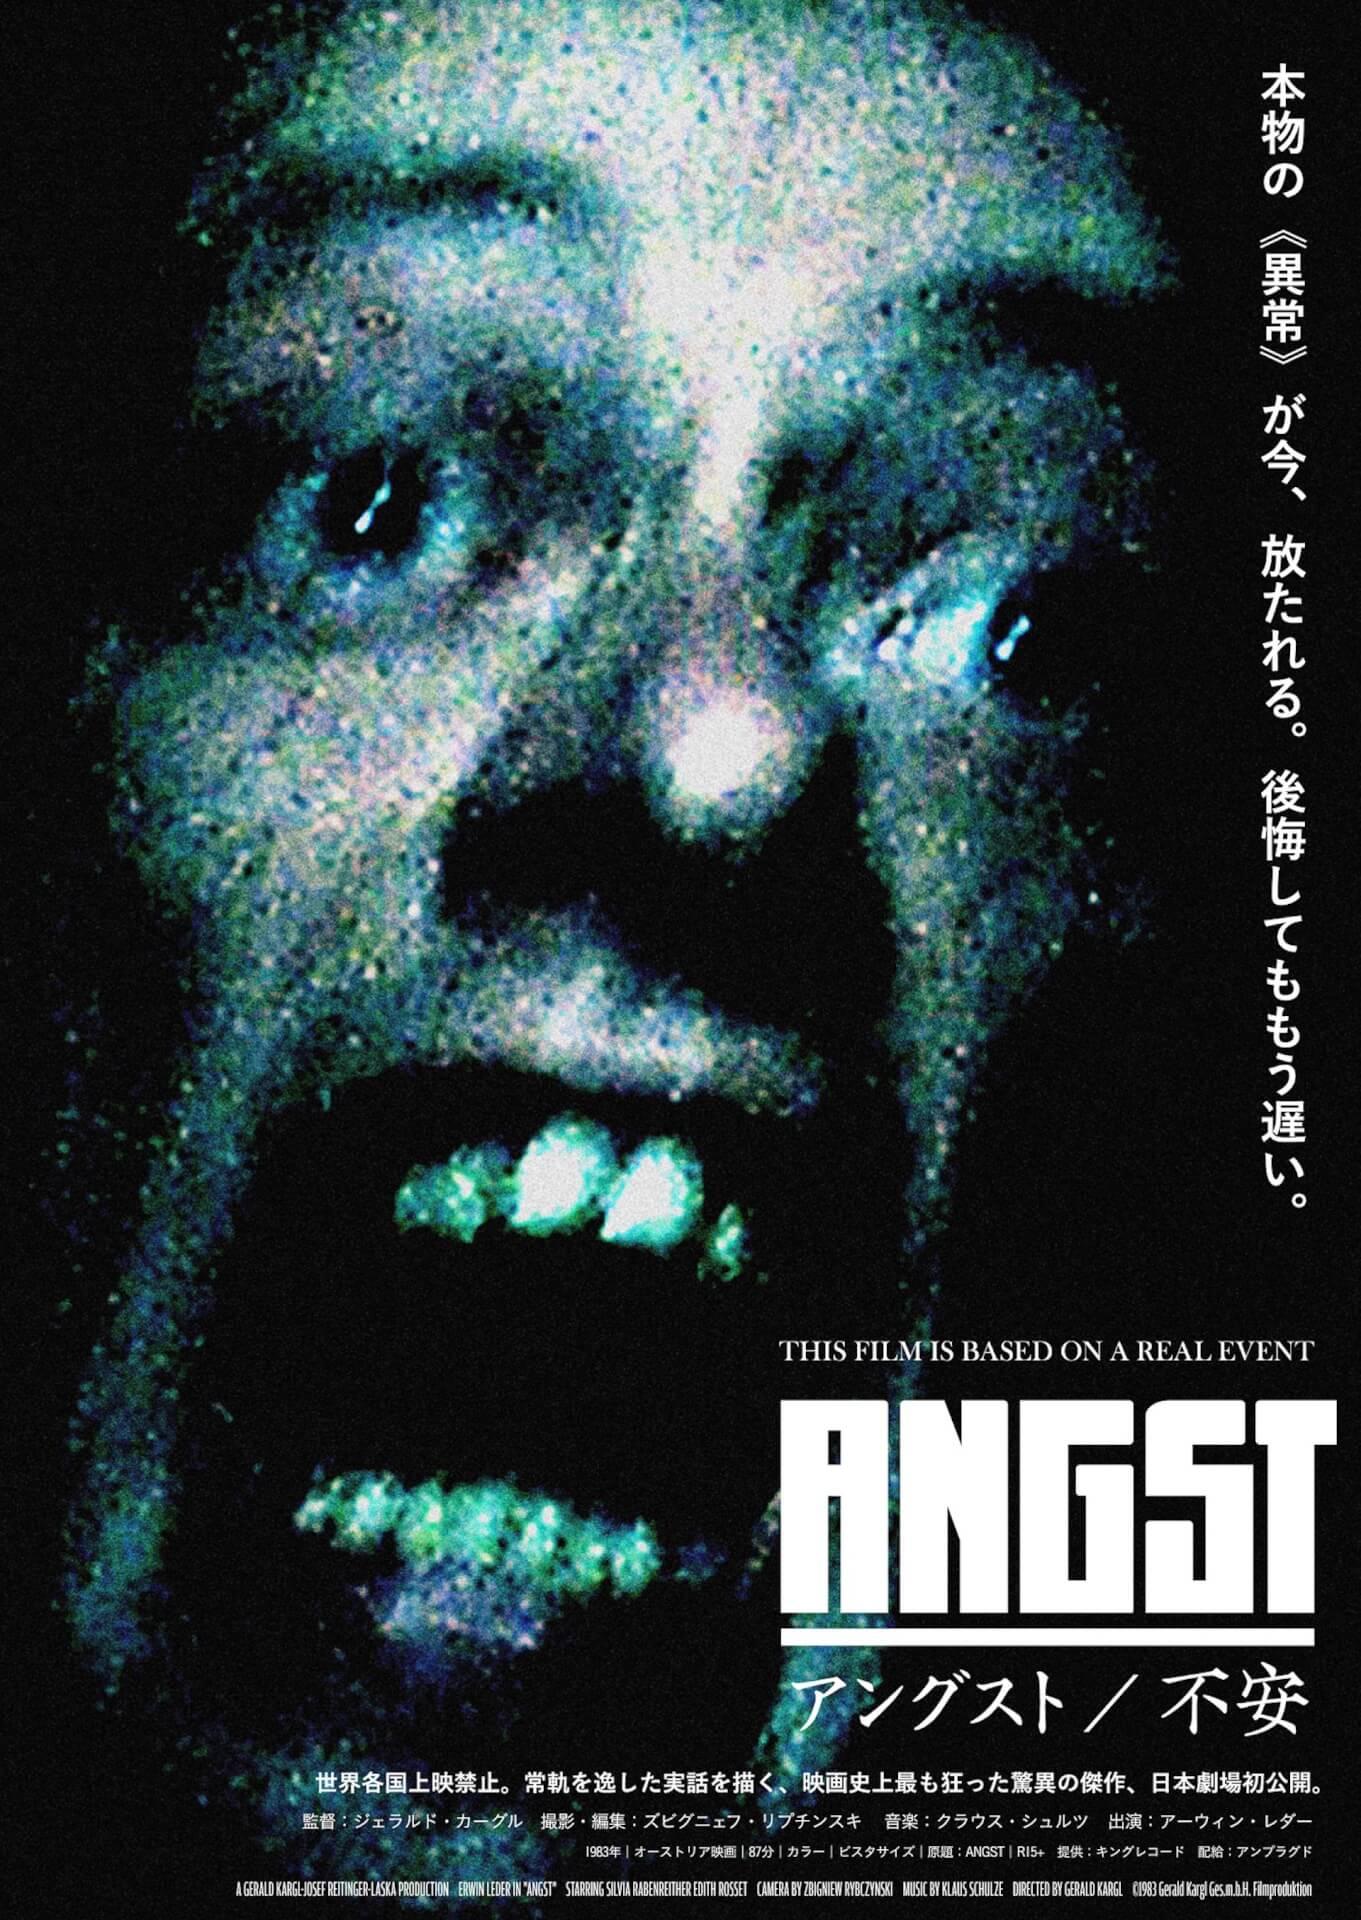 7月公開の映画で期待度が最も高いのは!?『WAVES/ウェイブス』『レイニーデイ・イン・ニューヨーク』などランクインの期待度ランキングがFilmarksで発表 film200630_movie_july_2